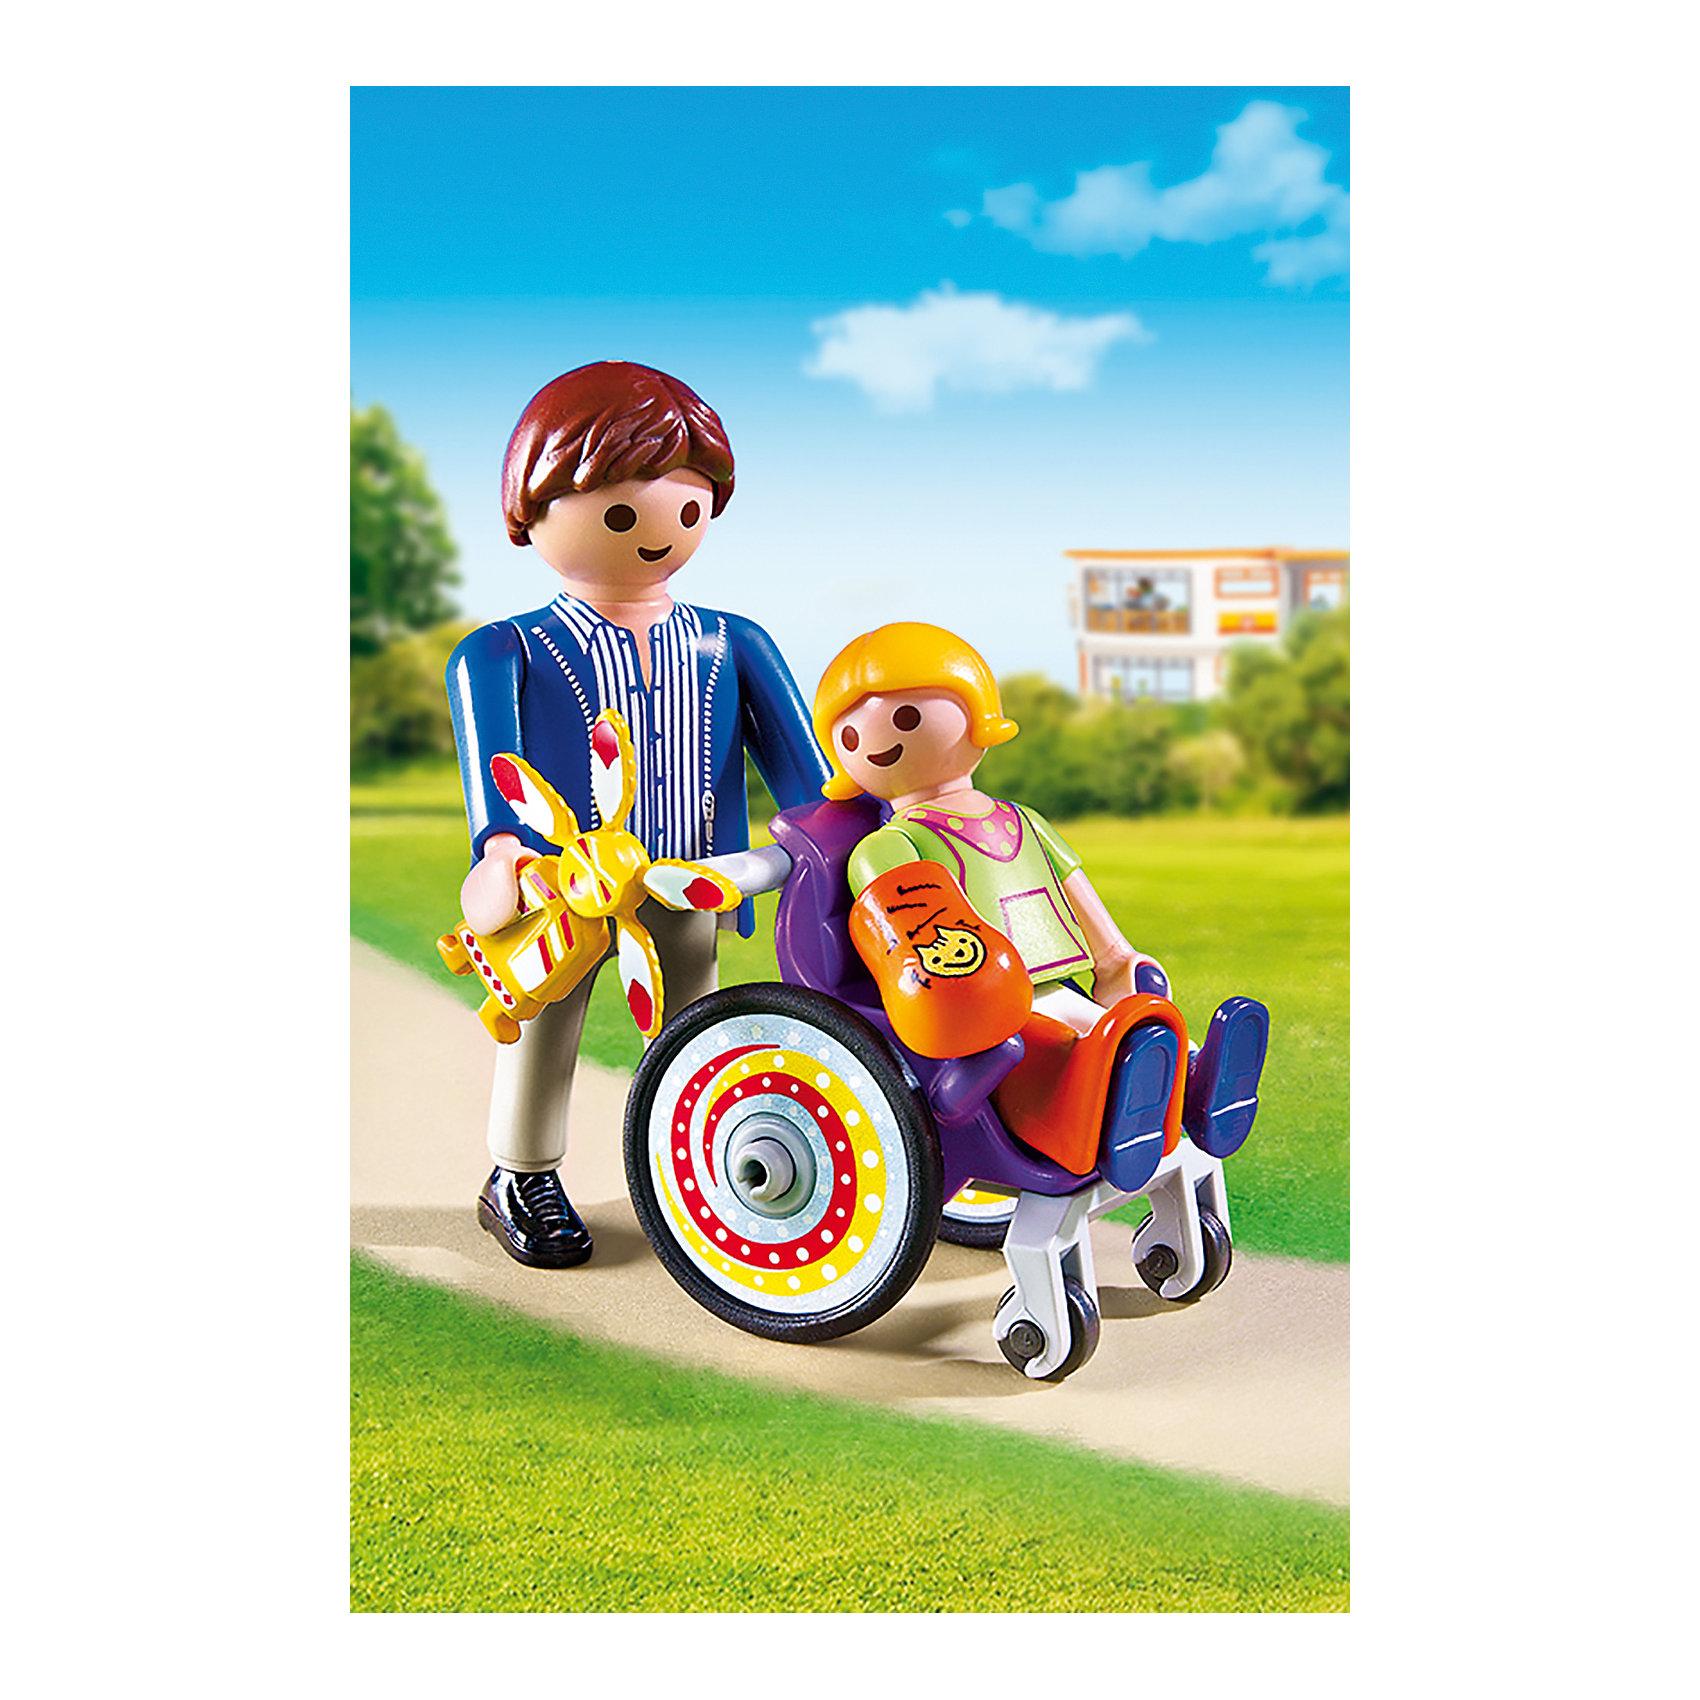 Детская клиника: Ребенок в коляске, PLAYMOBILПластмассовые конструкторы<br>Малышка выздоровела и наконец-то уезжает из больницы домой! Посмотри, как она радуется приехавшему за ней папе! В набор входят две фигурки, детская коляска и аксессуары, которые сделают игру еще реалистичнее и увлекательнее.  Фигурки имеют подвижные конечности. Все детали прекрасно проработаны и выполнены из высококачественного экологичного пластика безопасного для детей. Играть с таким набором не только приятно и интересно - подобные виды игры развивают мелкую моторику, воображение, творческое мышление.<br><br>Дополнительная информация:<br><br>- 2 фигурки в наборе. <br>- Комплектация: 2 фигурки, коляска, аксессуары.<br>- Материал: пластик.<br>- Размер упаковки: 15х10х5 см.<br>- Высота фигурки: 7,5 см.<br>- Высота фигурки ребенка: 5,5 см.<br>- Голова, руки, ноги у фигурок подвижные.<br><br>Экстра-набор: Мастер с инструментами на велосипеде, PLAYMOBIL (Плеймобил), можно купить в нашем магазине.<br><br>Ширина мм: 145<br>Глубина мм: 96<br>Высота мм: 48<br>Вес г: 70<br>Возраст от месяцев: 48<br>Возраст до месяцев: 120<br>Пол: Унисекс<br>Возраст: Детский<br>SKU: 4012468